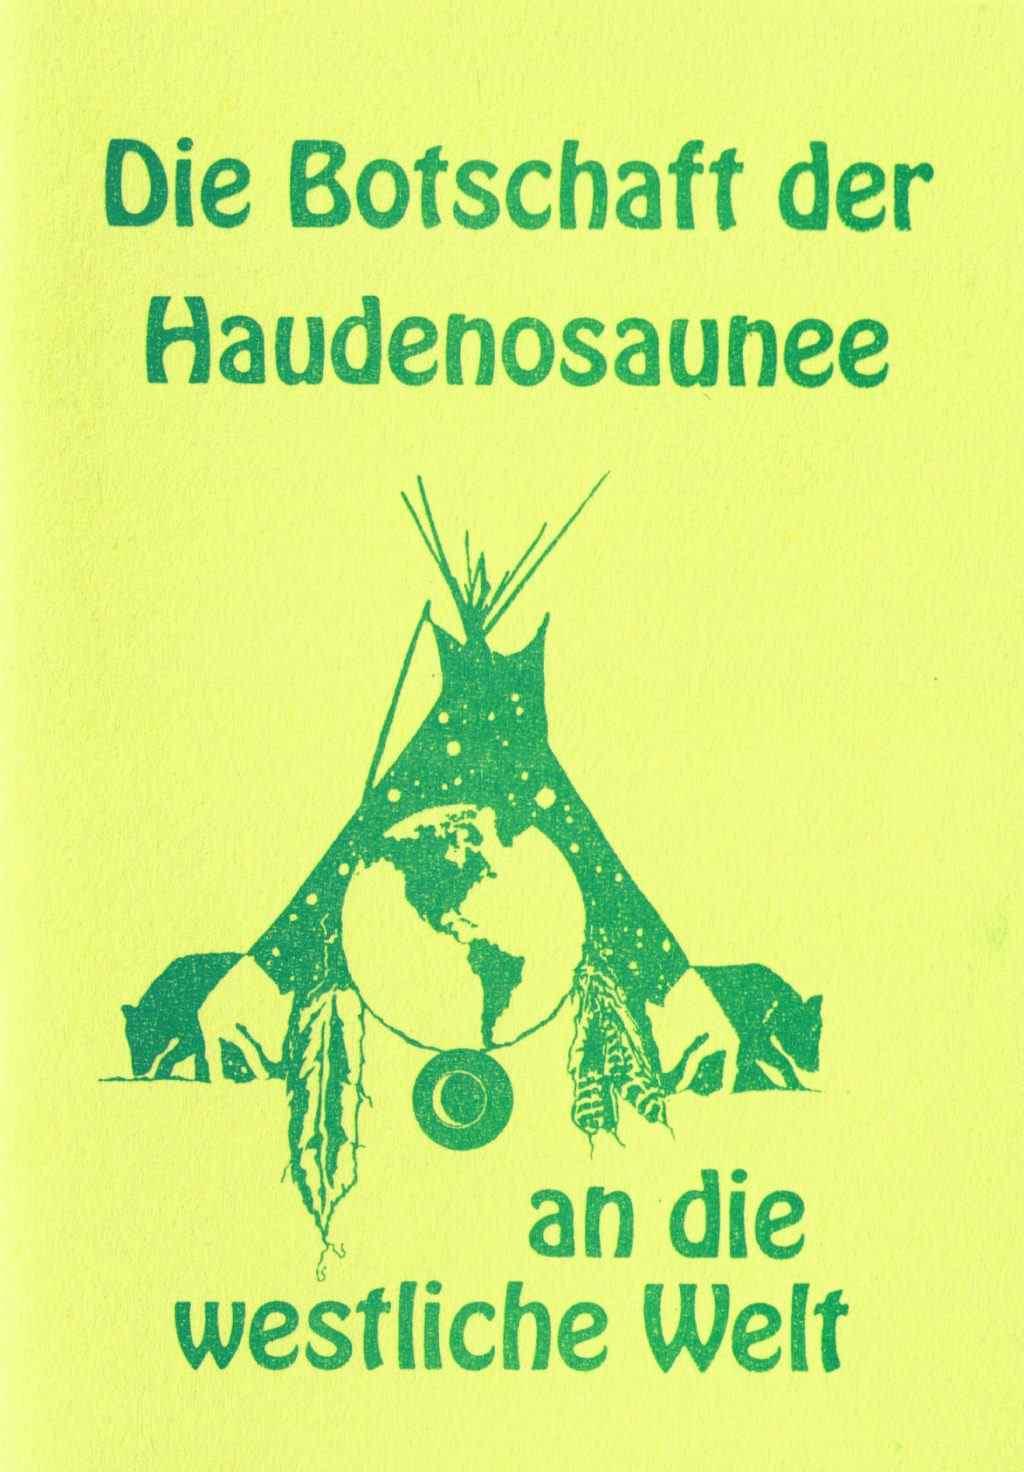 Botschaft der Haudenosaunee